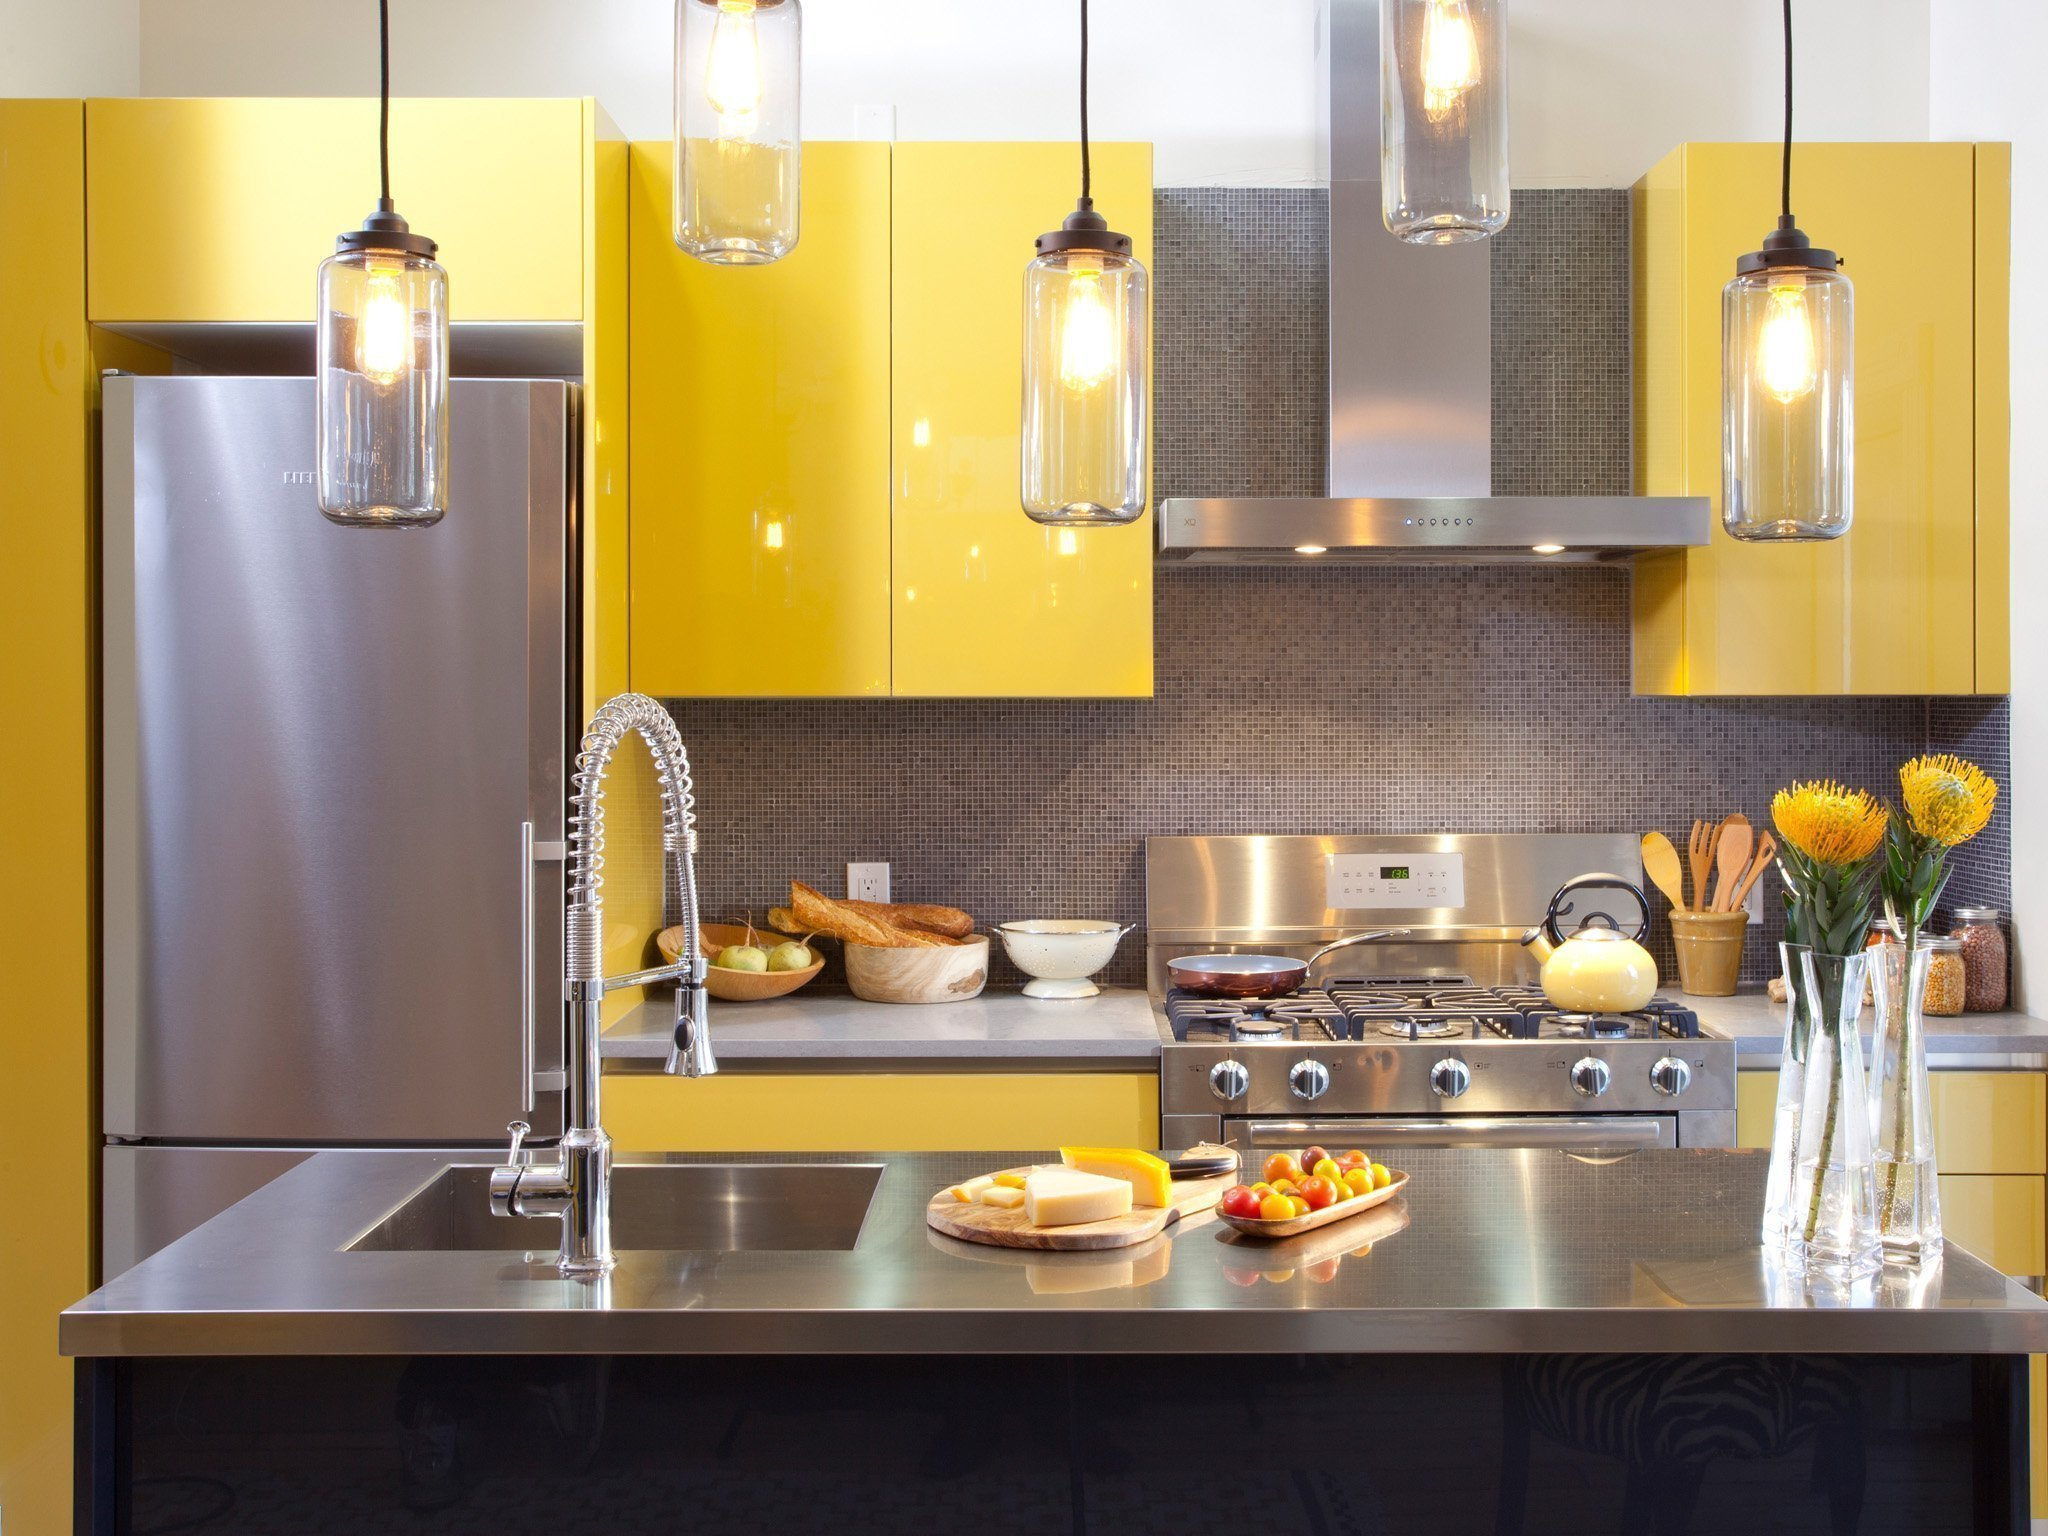 Кухня с желтой мебелью